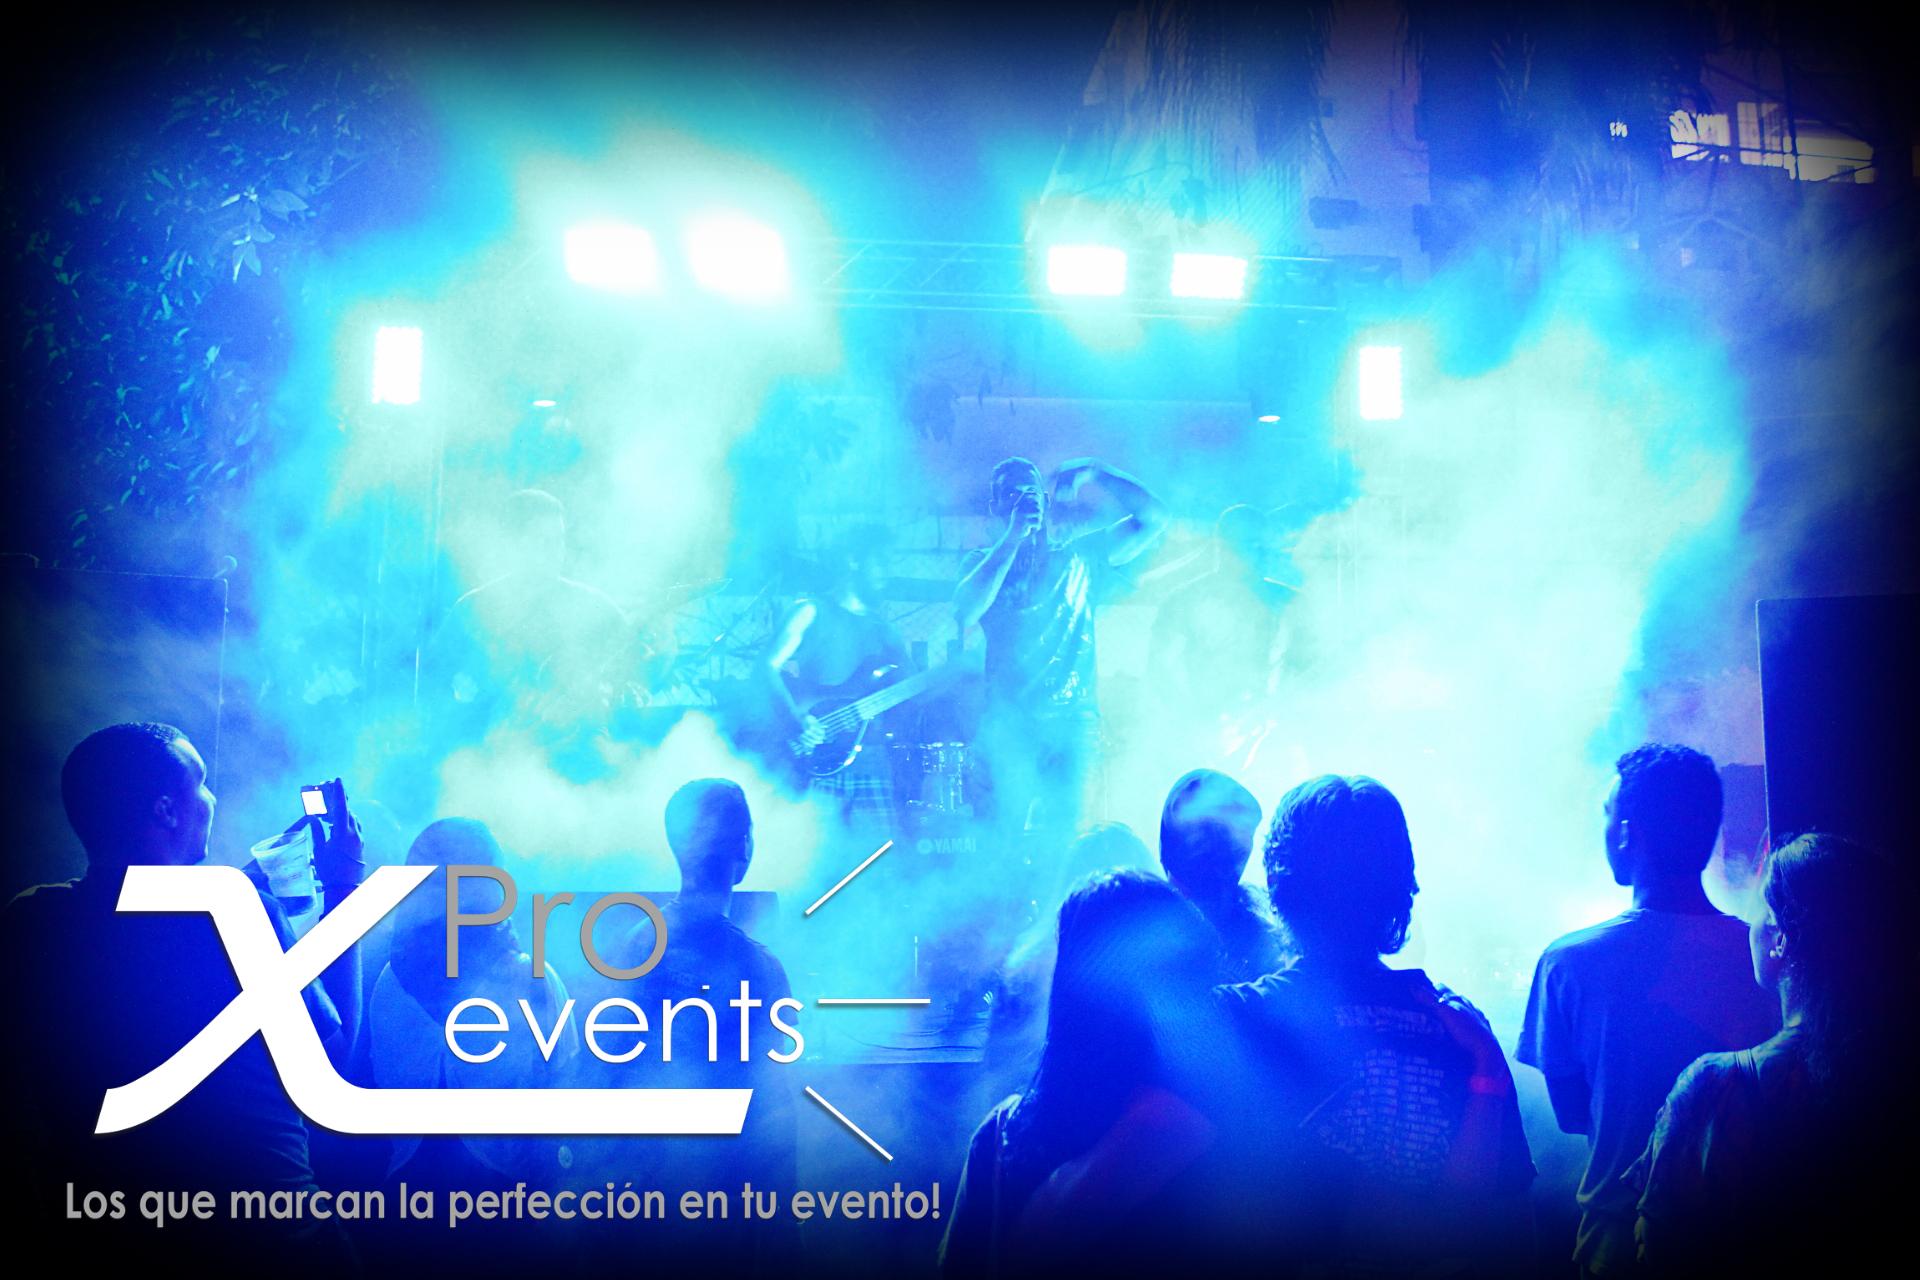 www.Xproevents.com - Lo ultimo en tecnologia para tu escenario.JPG